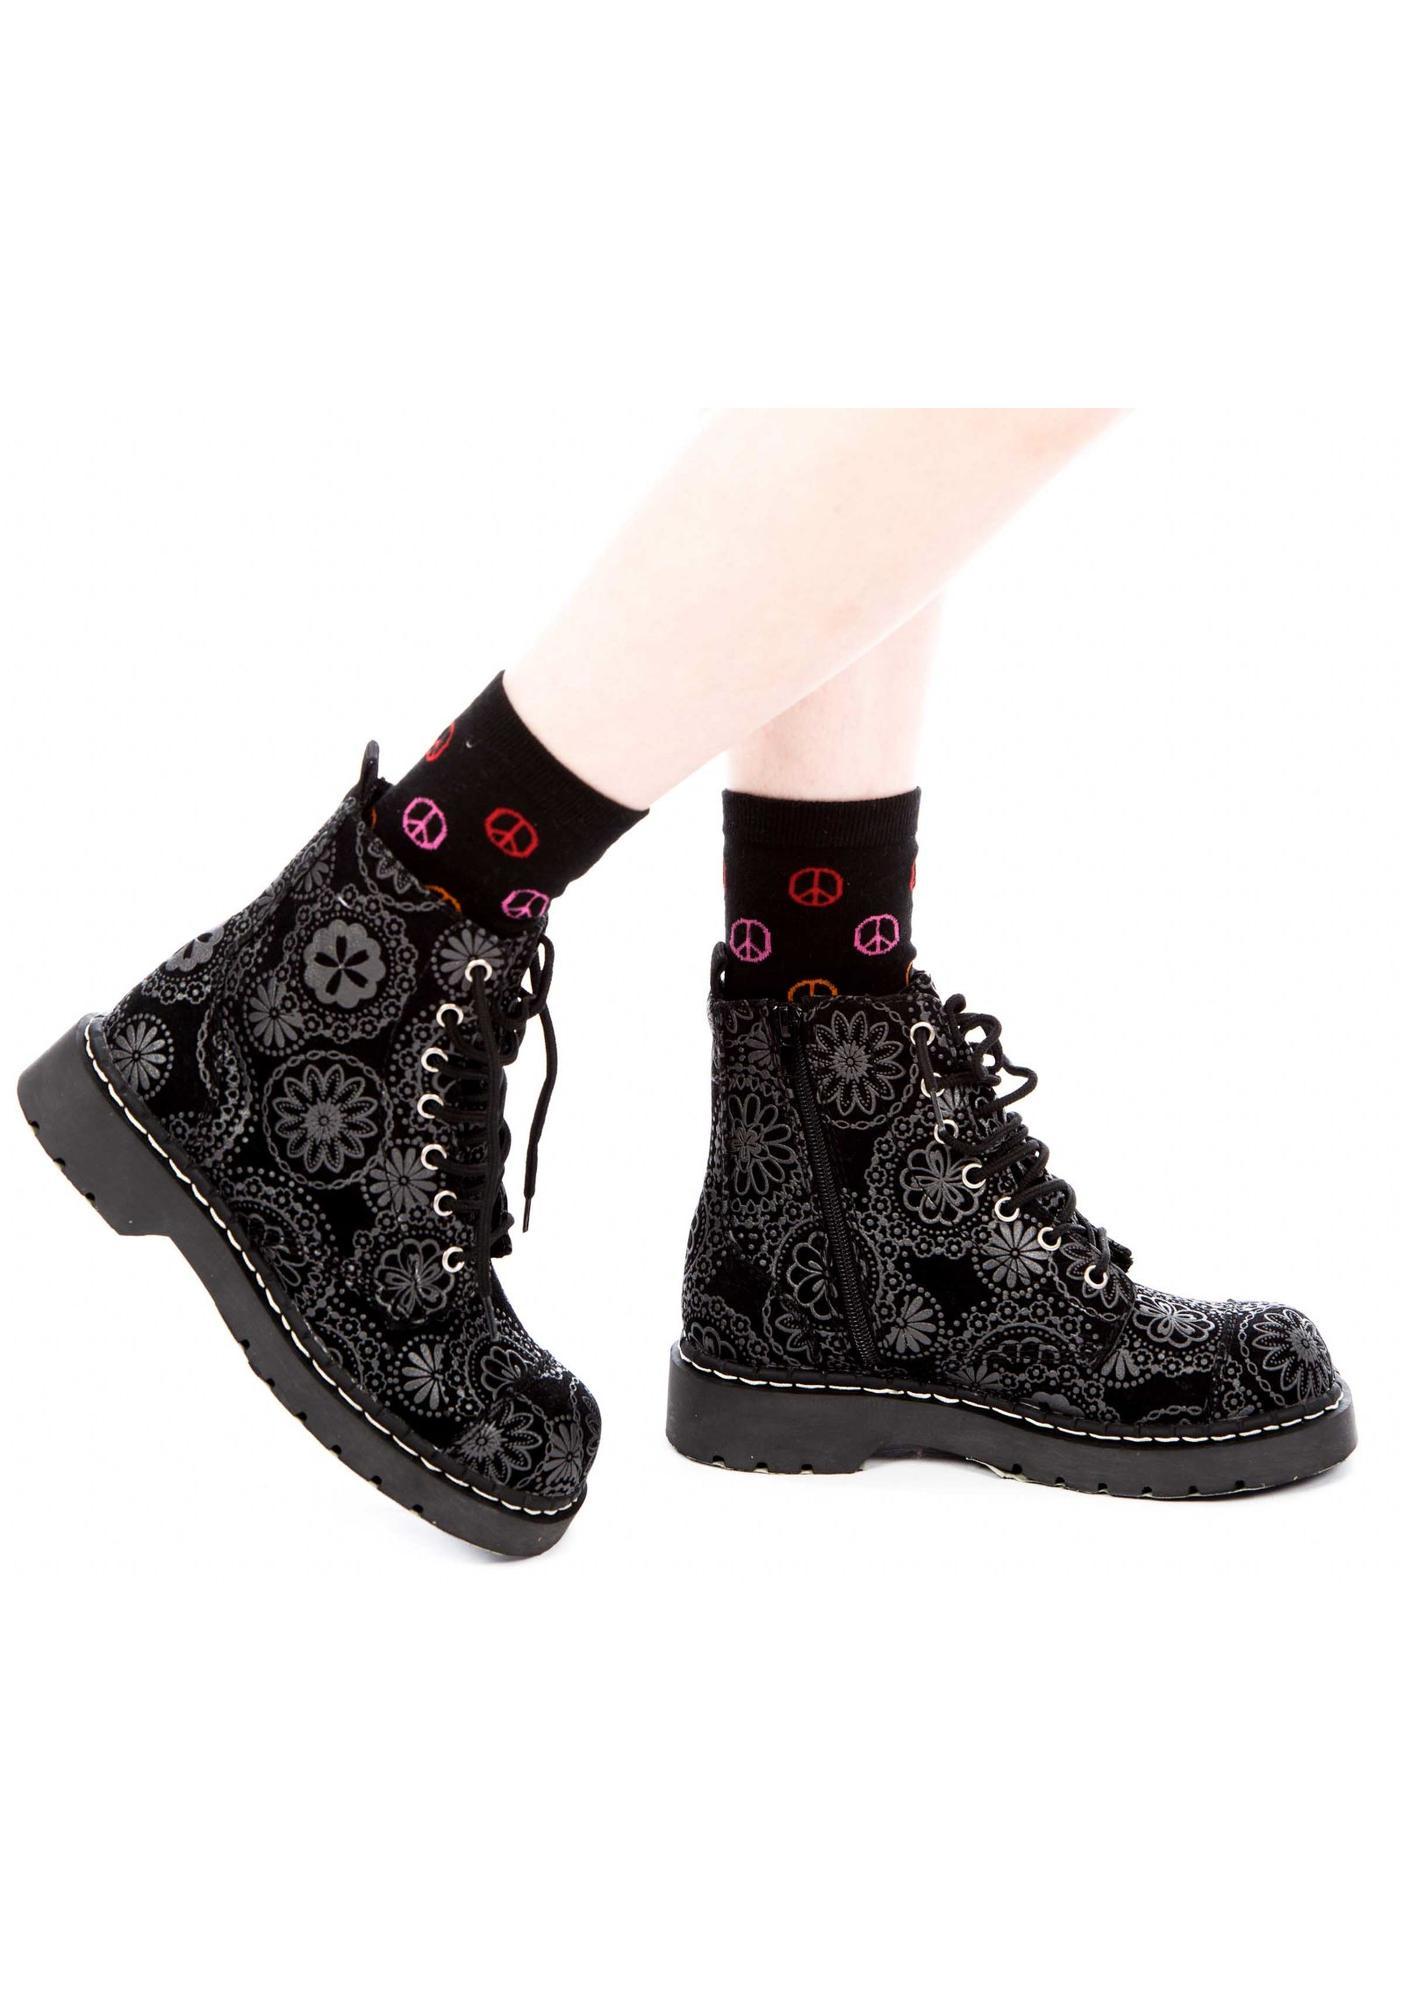 T.U.K. Velvet Gothic Flower Doily Print 7 Eye Boot